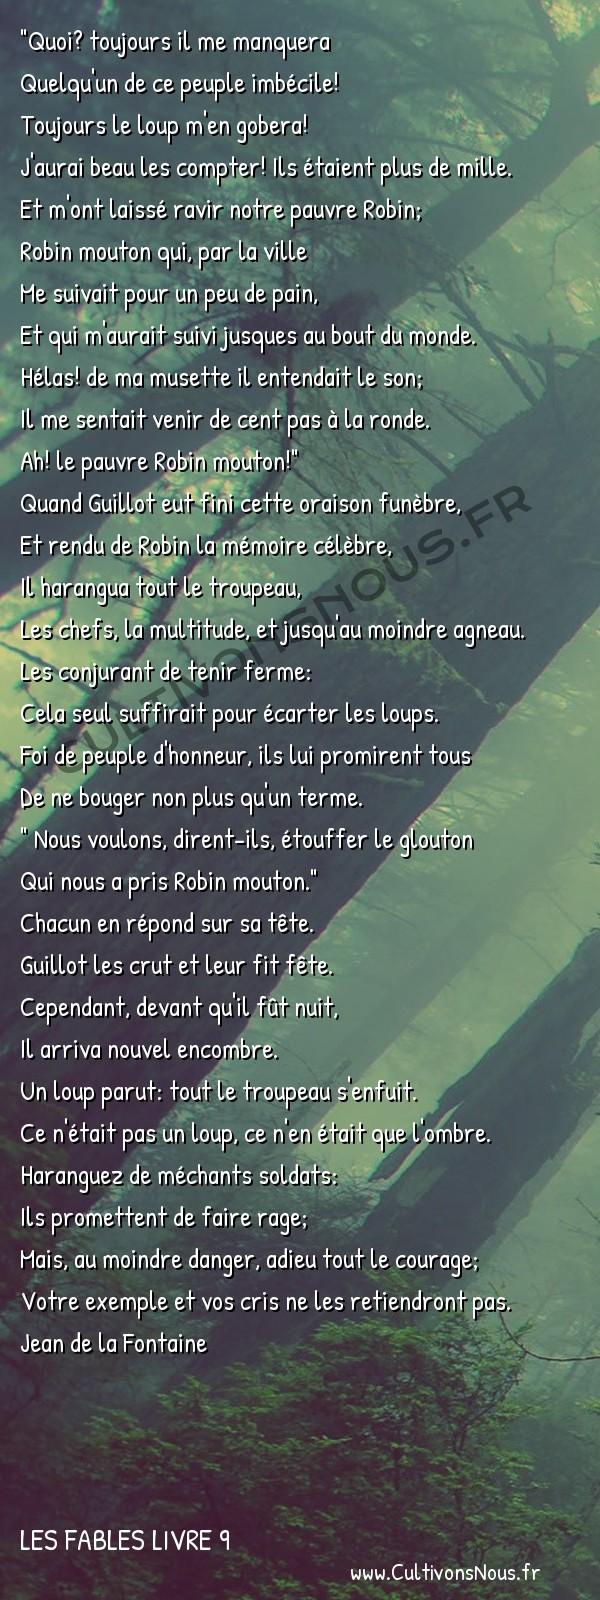 Fables Jean de la Fontaine - Les fables Livre 9 - Le Berger et son troupeau -